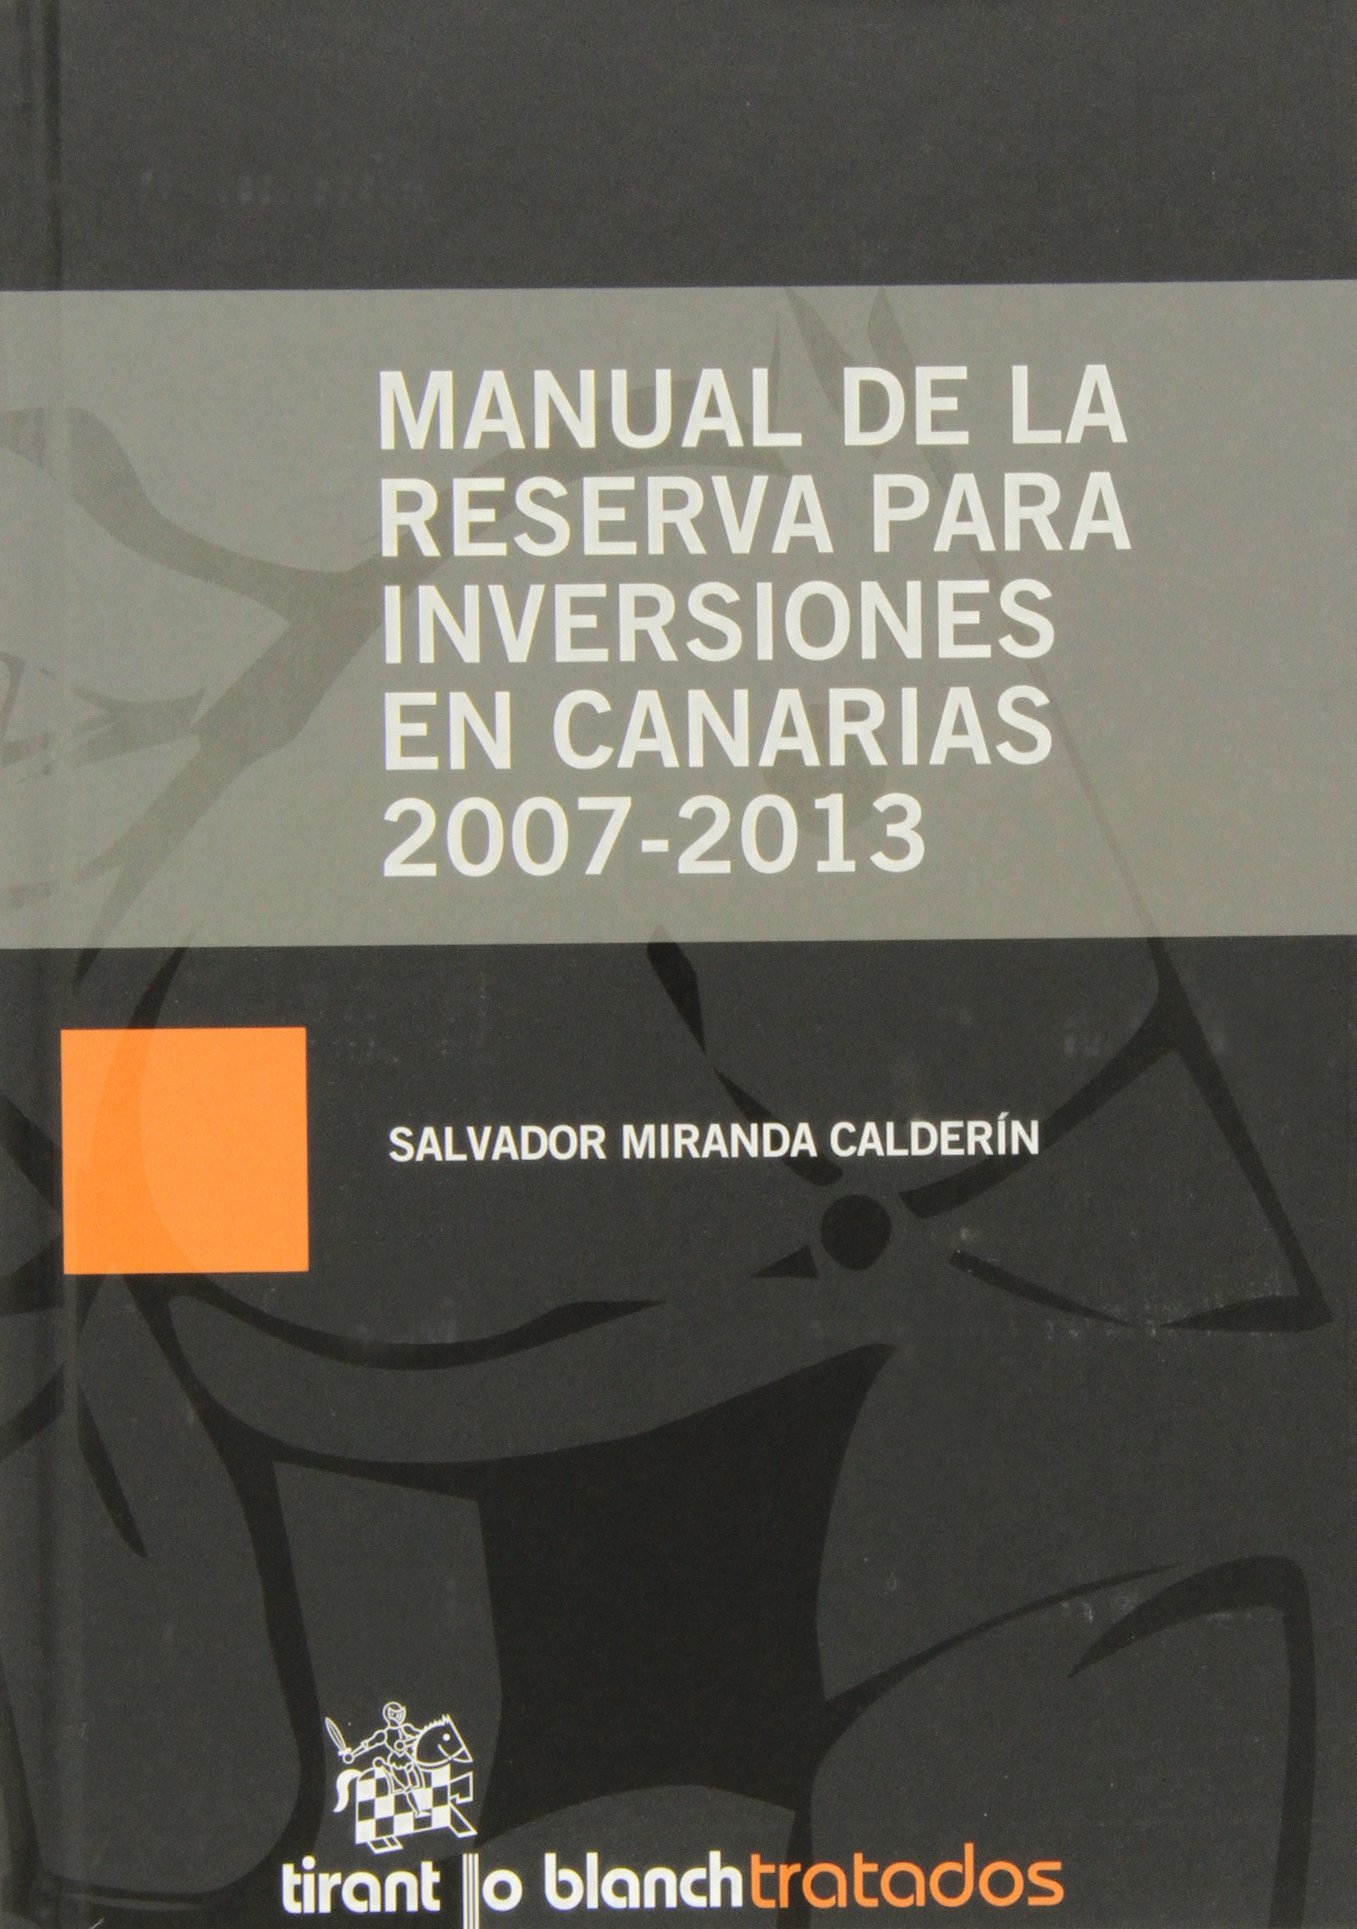 Manual de la Reserva para Inversiones en Canarias 2007-2013: Amazon.es: Salvador Miranda Calderín: Libros